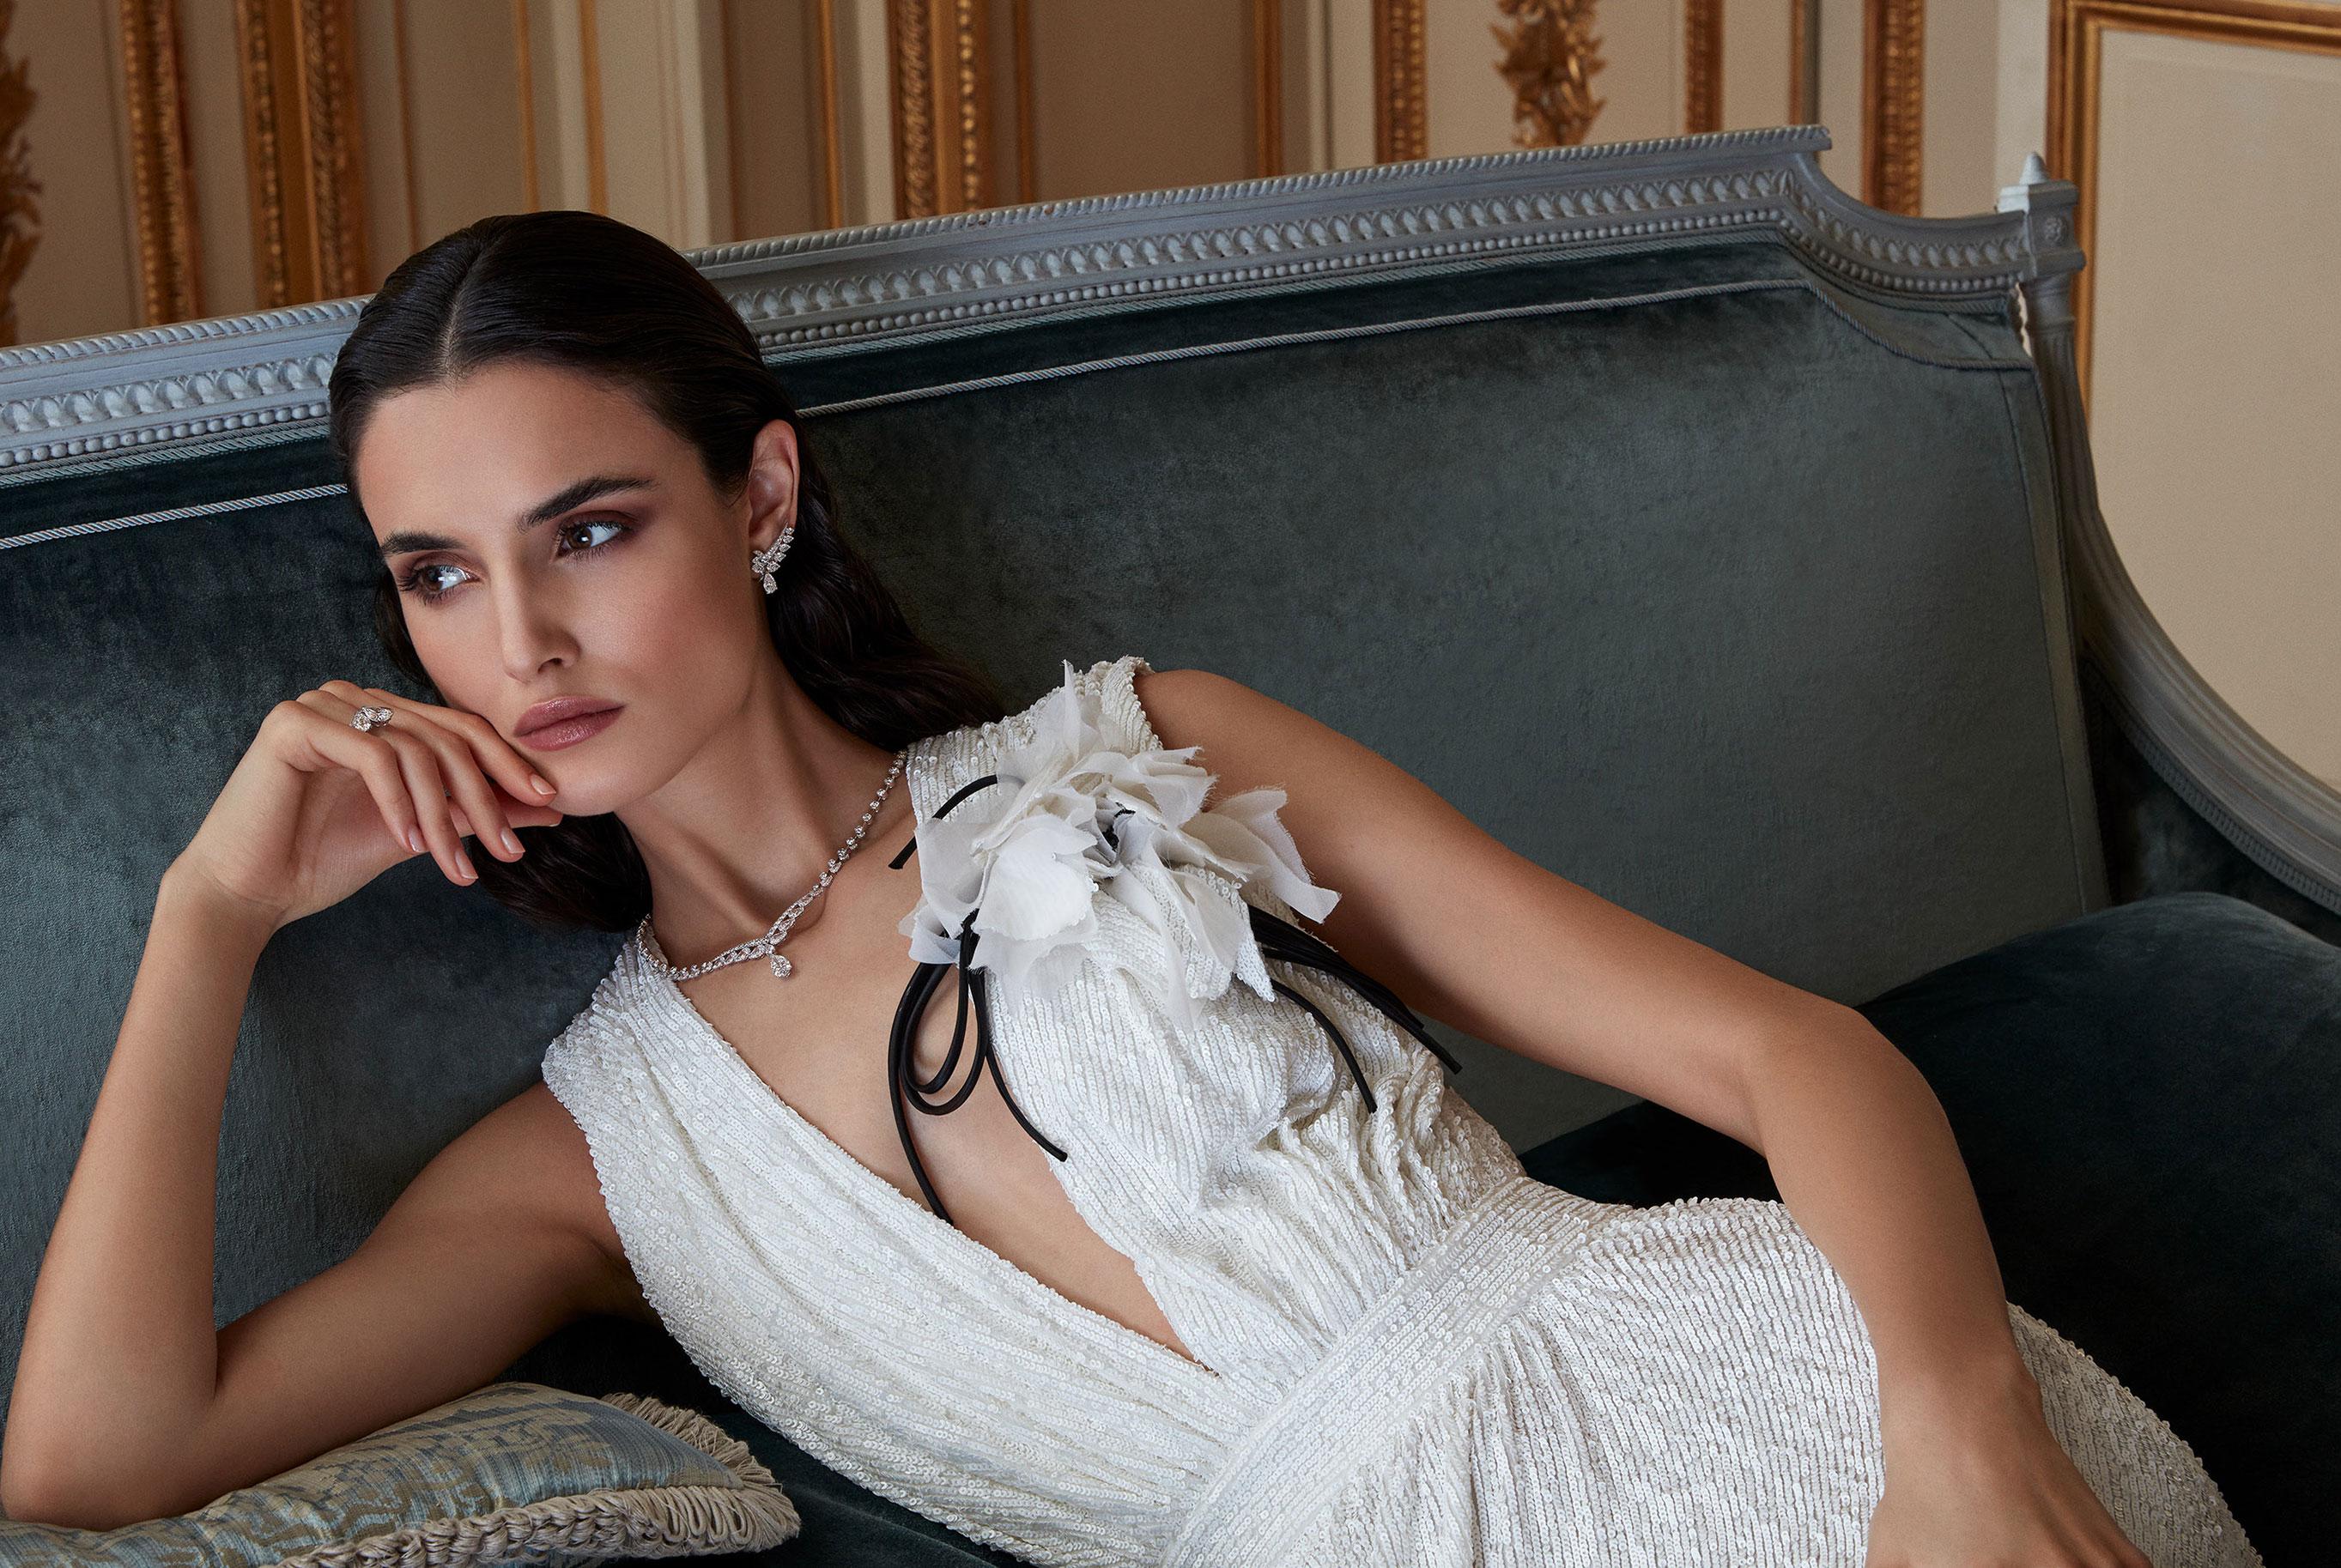 классические парижские ювелирные изделия Chaumet на красивой девушке / фото 05